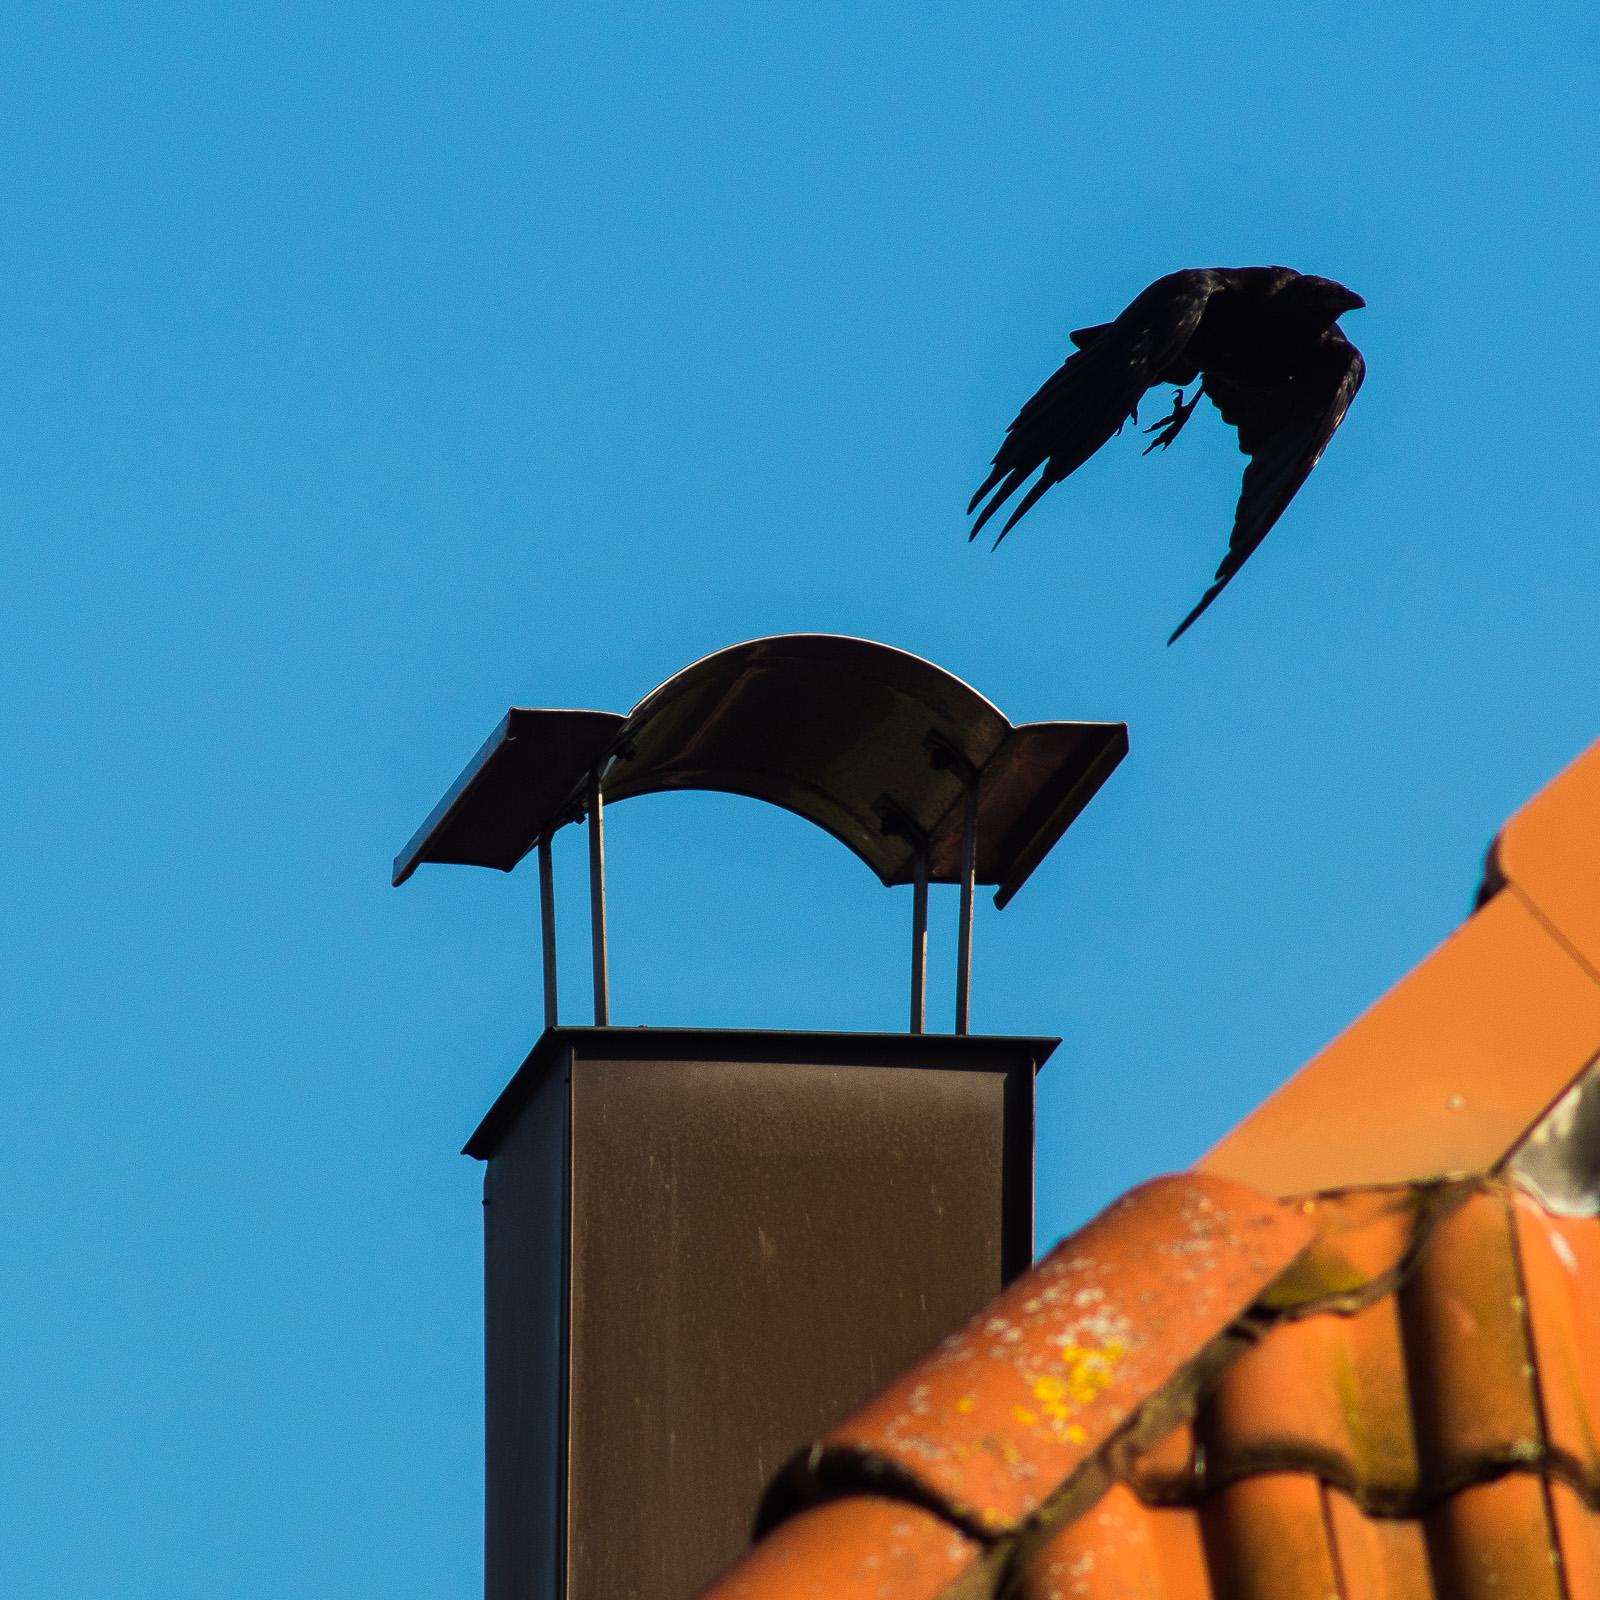 Rabenvogel beim Abflug von Nachbars Schornstein